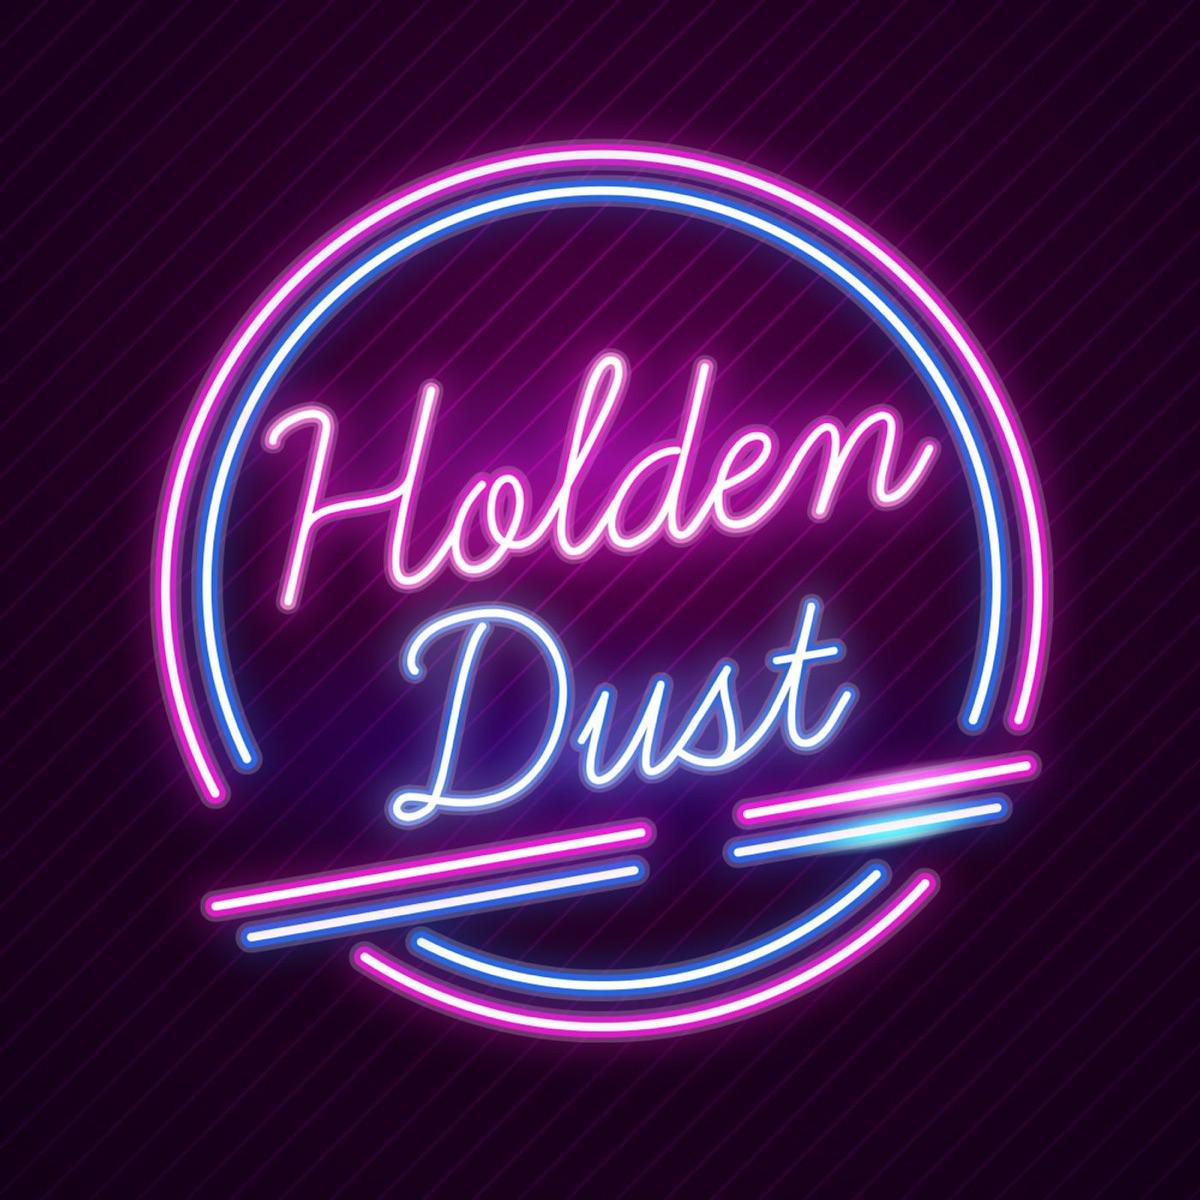 Holden Dust